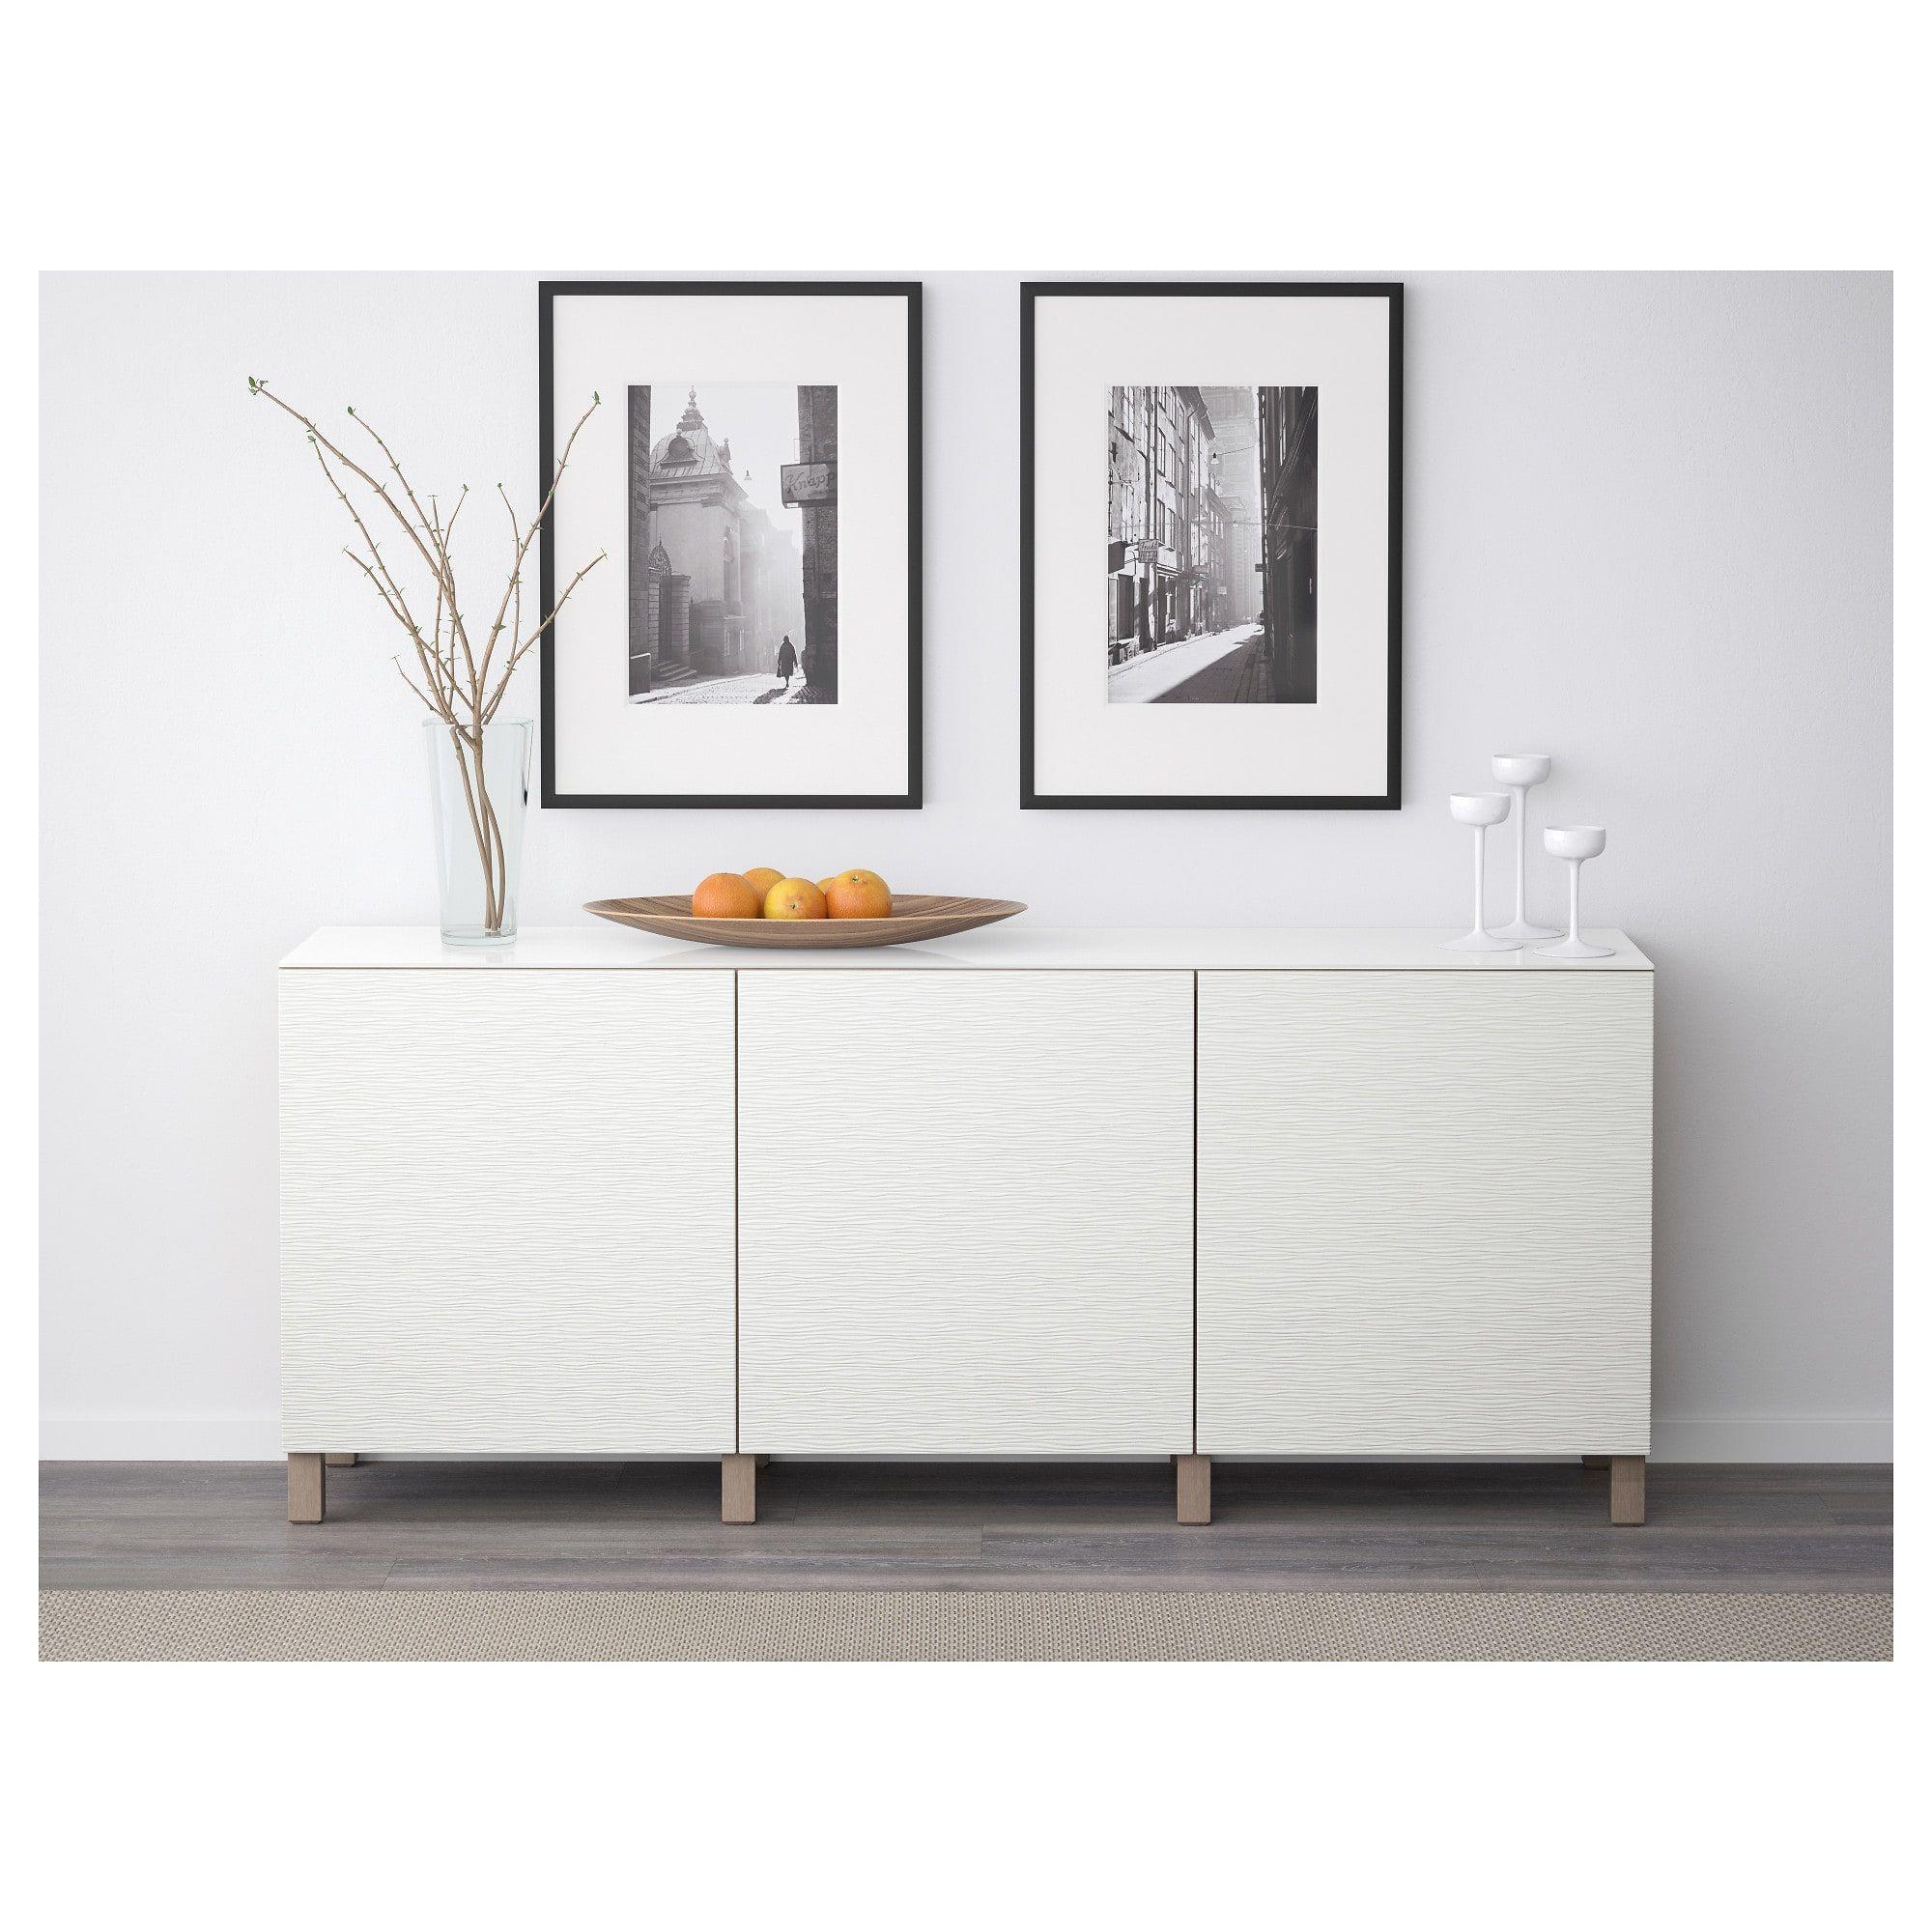 Best Storage Combination With Doors  Walnut Effect Light Graylaxviken